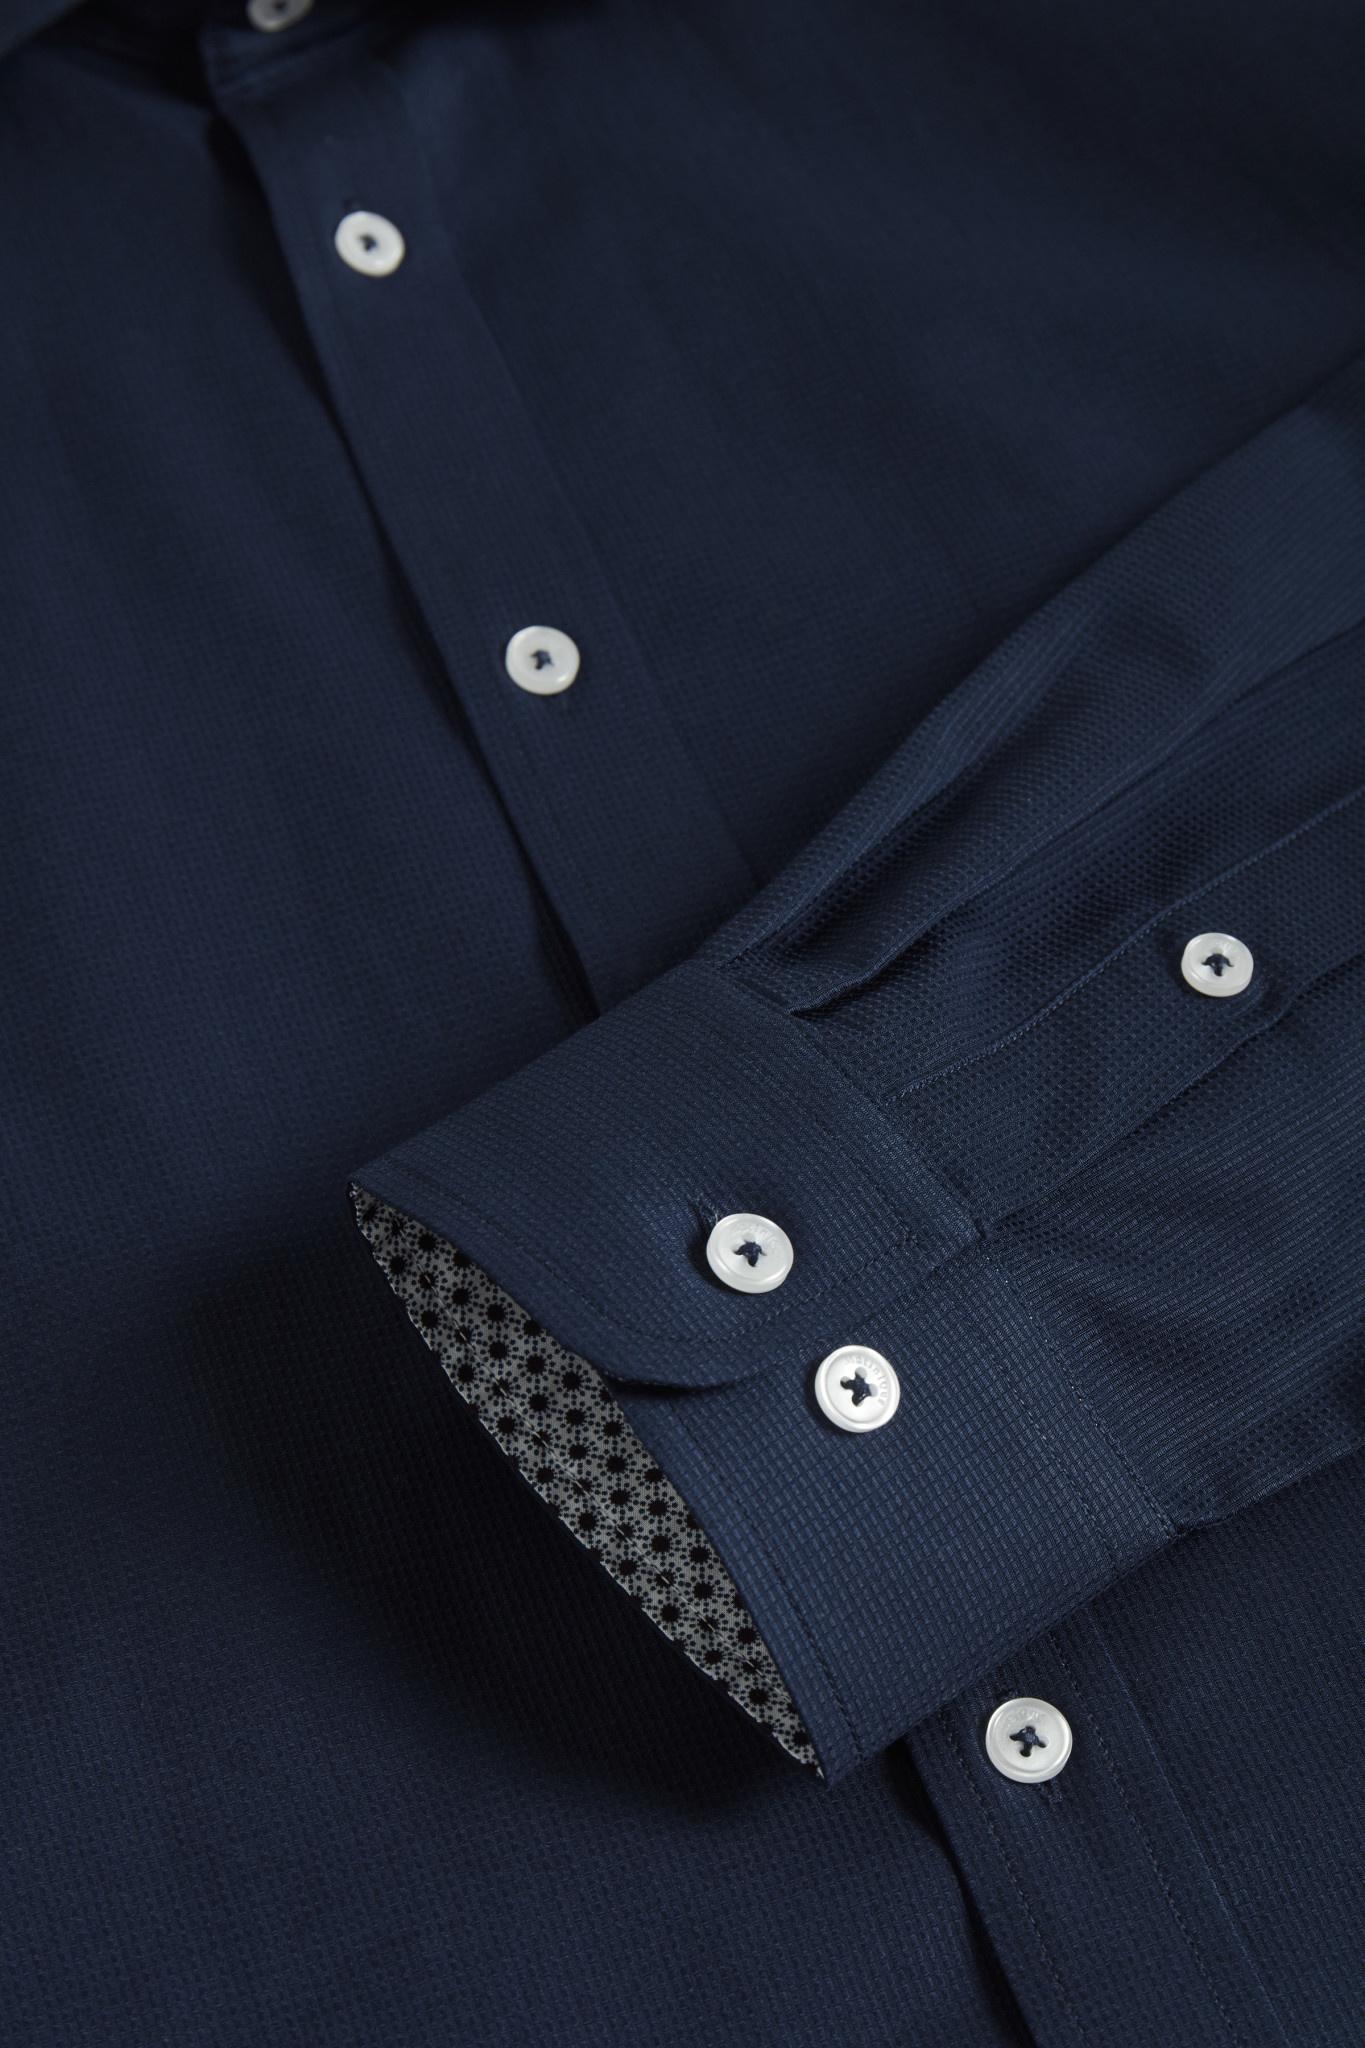 Navy Textured Dress Shirt